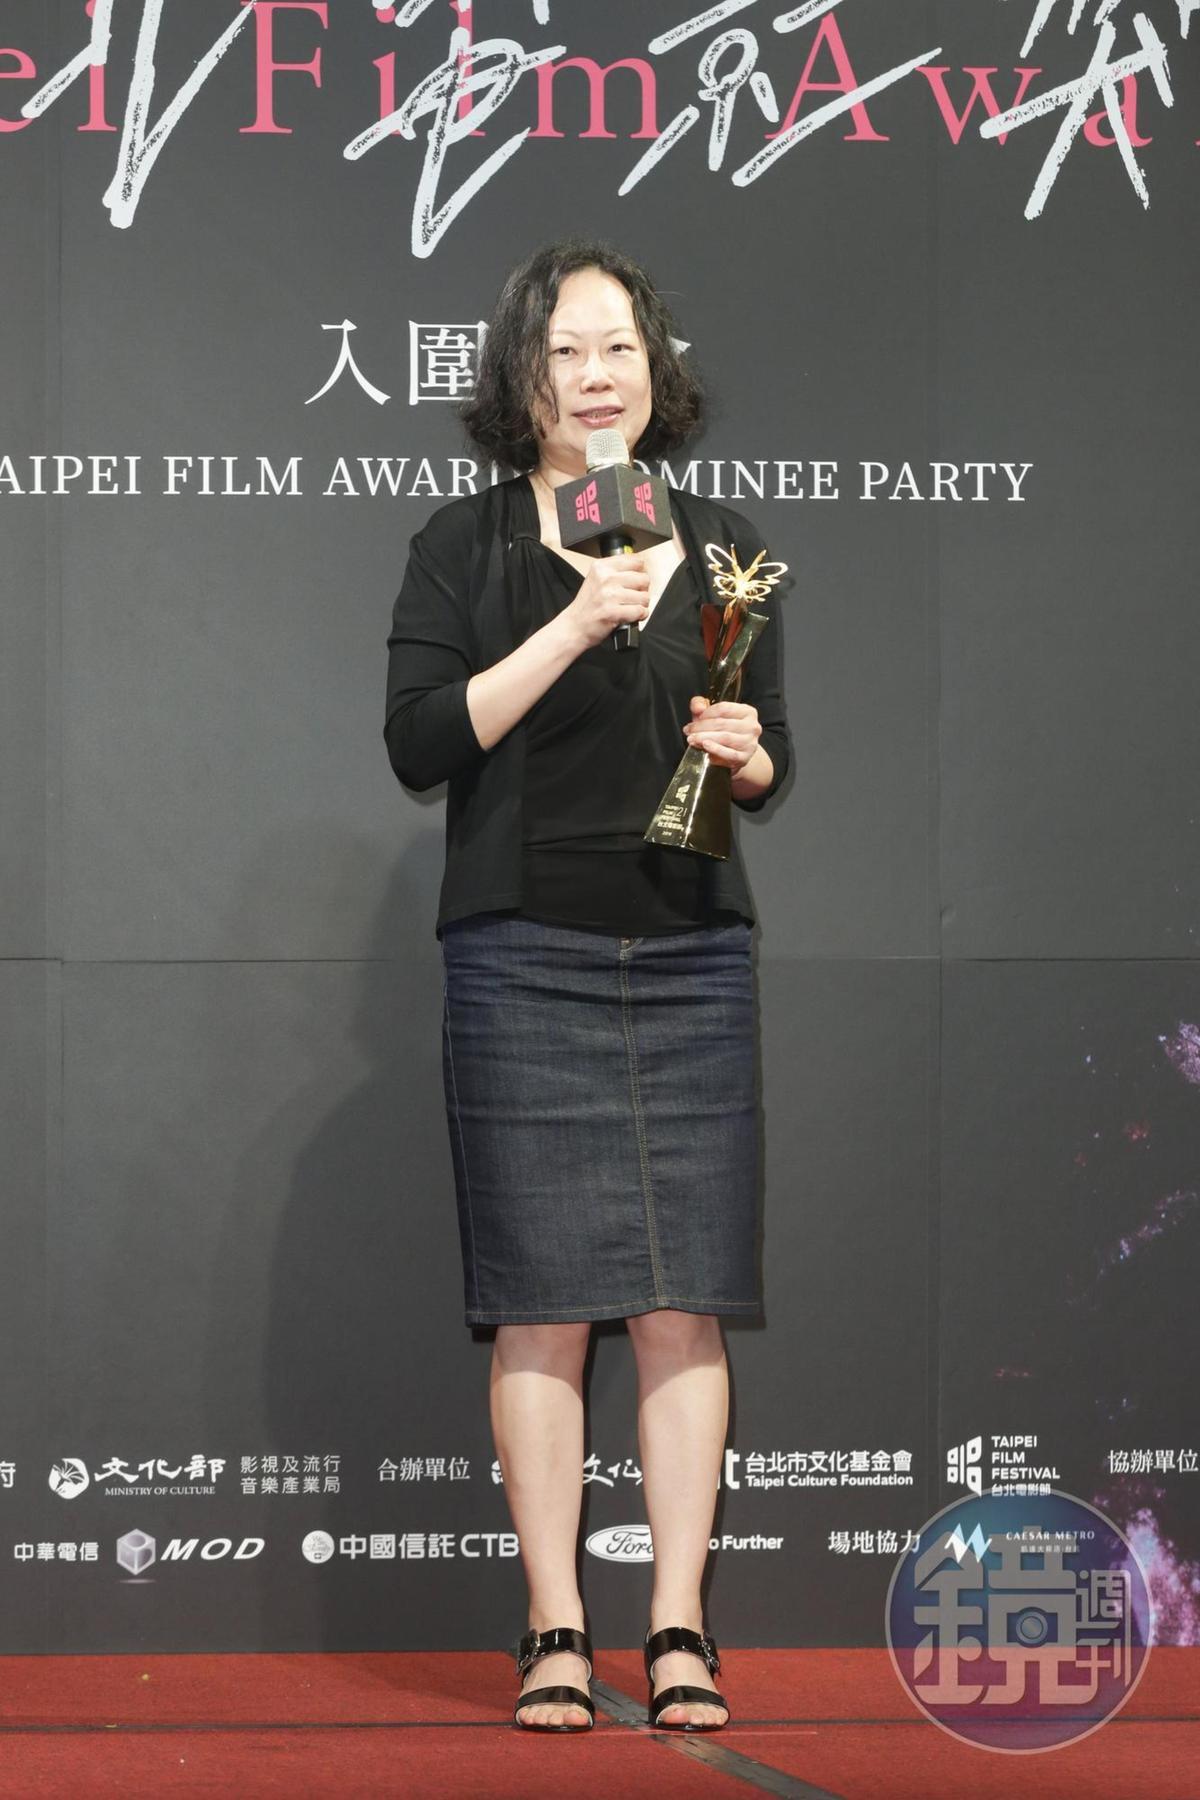 《未來無恙》導演賀照緹感謝兩位被拍攝者的勇氣與信任,也預告電影在八月底於戲院發行。